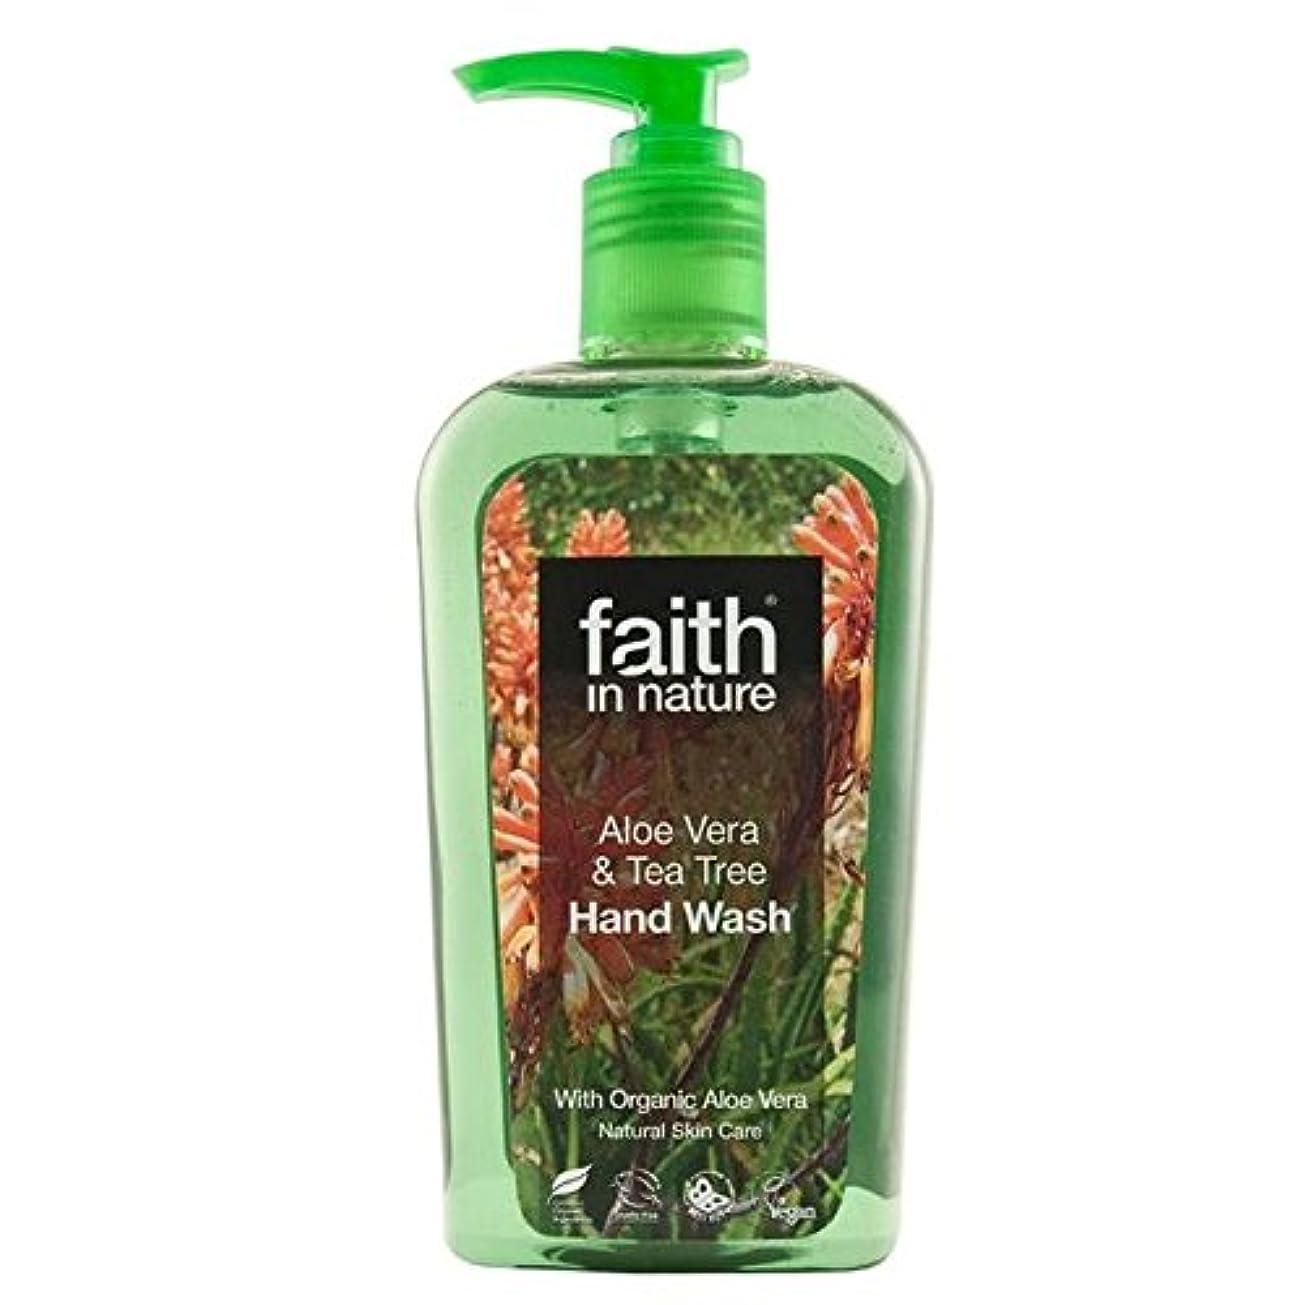 債務者薄汚い快いFaith in Nature Aloe Vera & Tea Tree Handwash 300ml (Pack of 4) - (Faith In Nature) 自然のアロエベラ&ティーツリー手洗いの300ミリリットルの信仰 (x4) [並行輸入品]